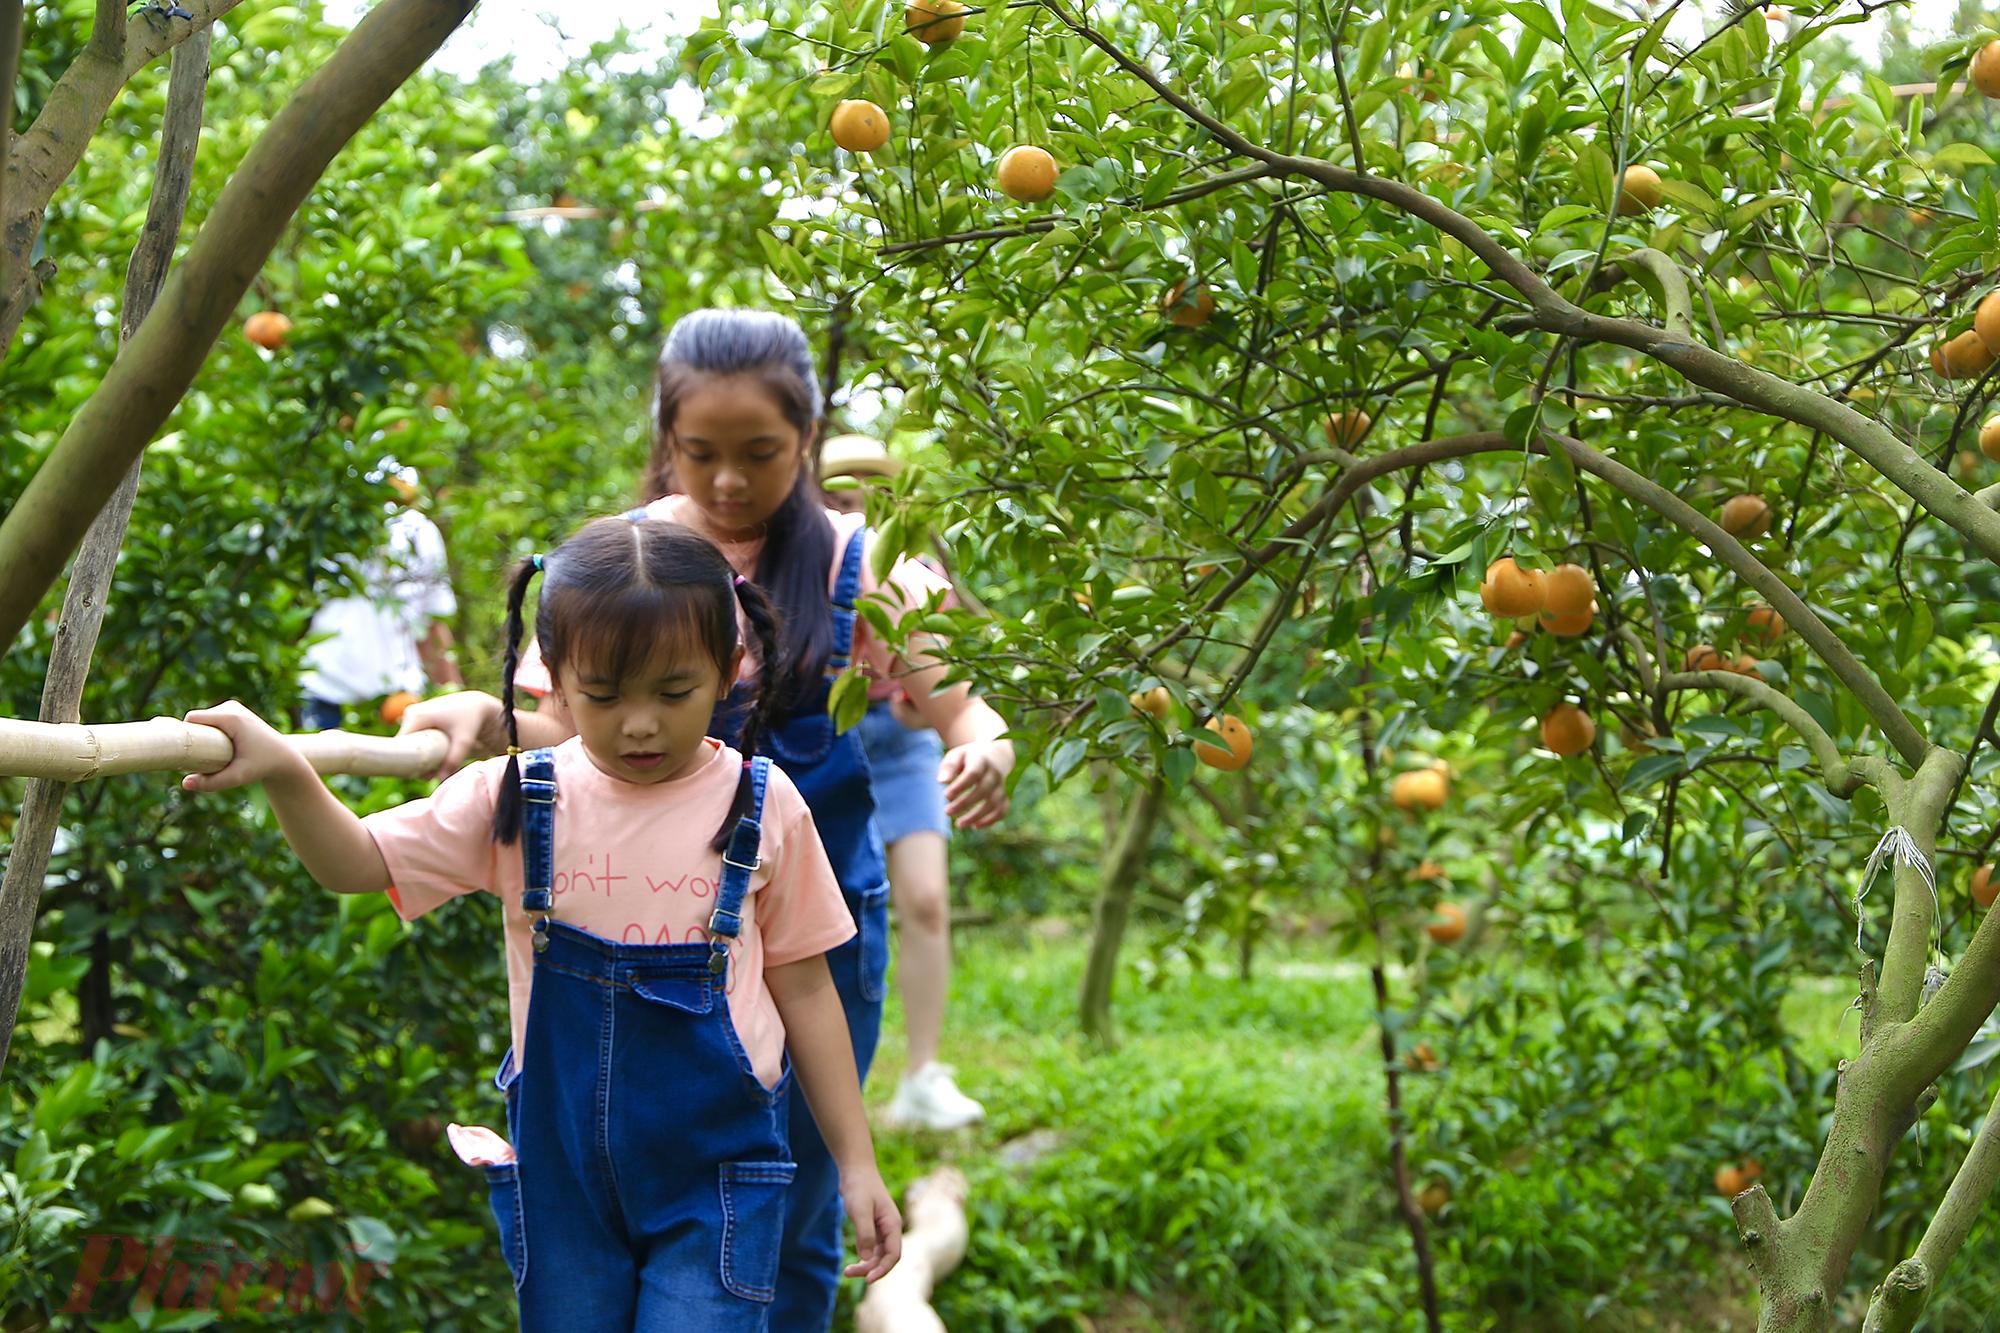 Từ trung tâm chợ Lai Vung, du khách rẽ trái vào tỉnh lộ 581 khoảng 4 km sẽ đến nơi tập trung những nhà vườn mở cửa du lịch. Các nhà vườn tập trung hai bên con sông nhỏ như: Hai Kiệt, Út Nhỏ, Lan Anh...